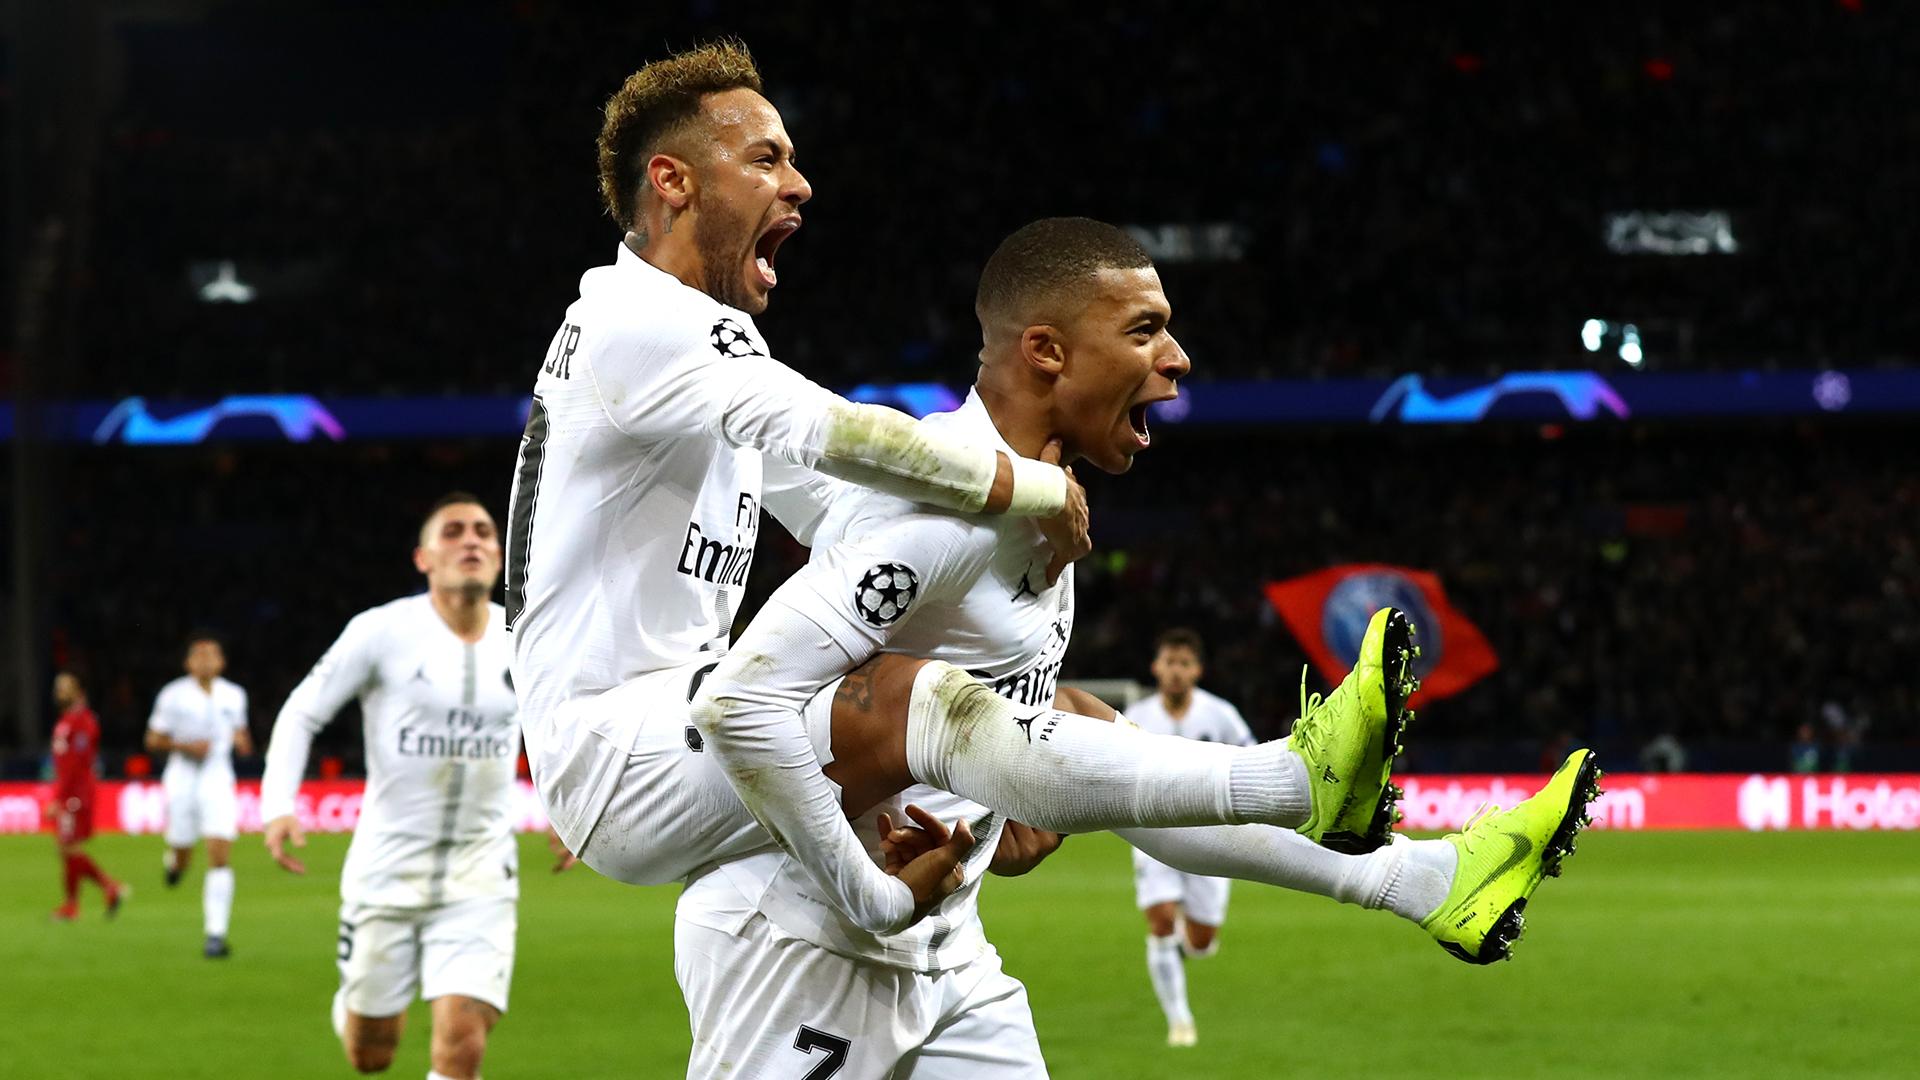 Liga - Real Madrid : Les supporters veulent Kylian Mbappé plutôt que Neymar